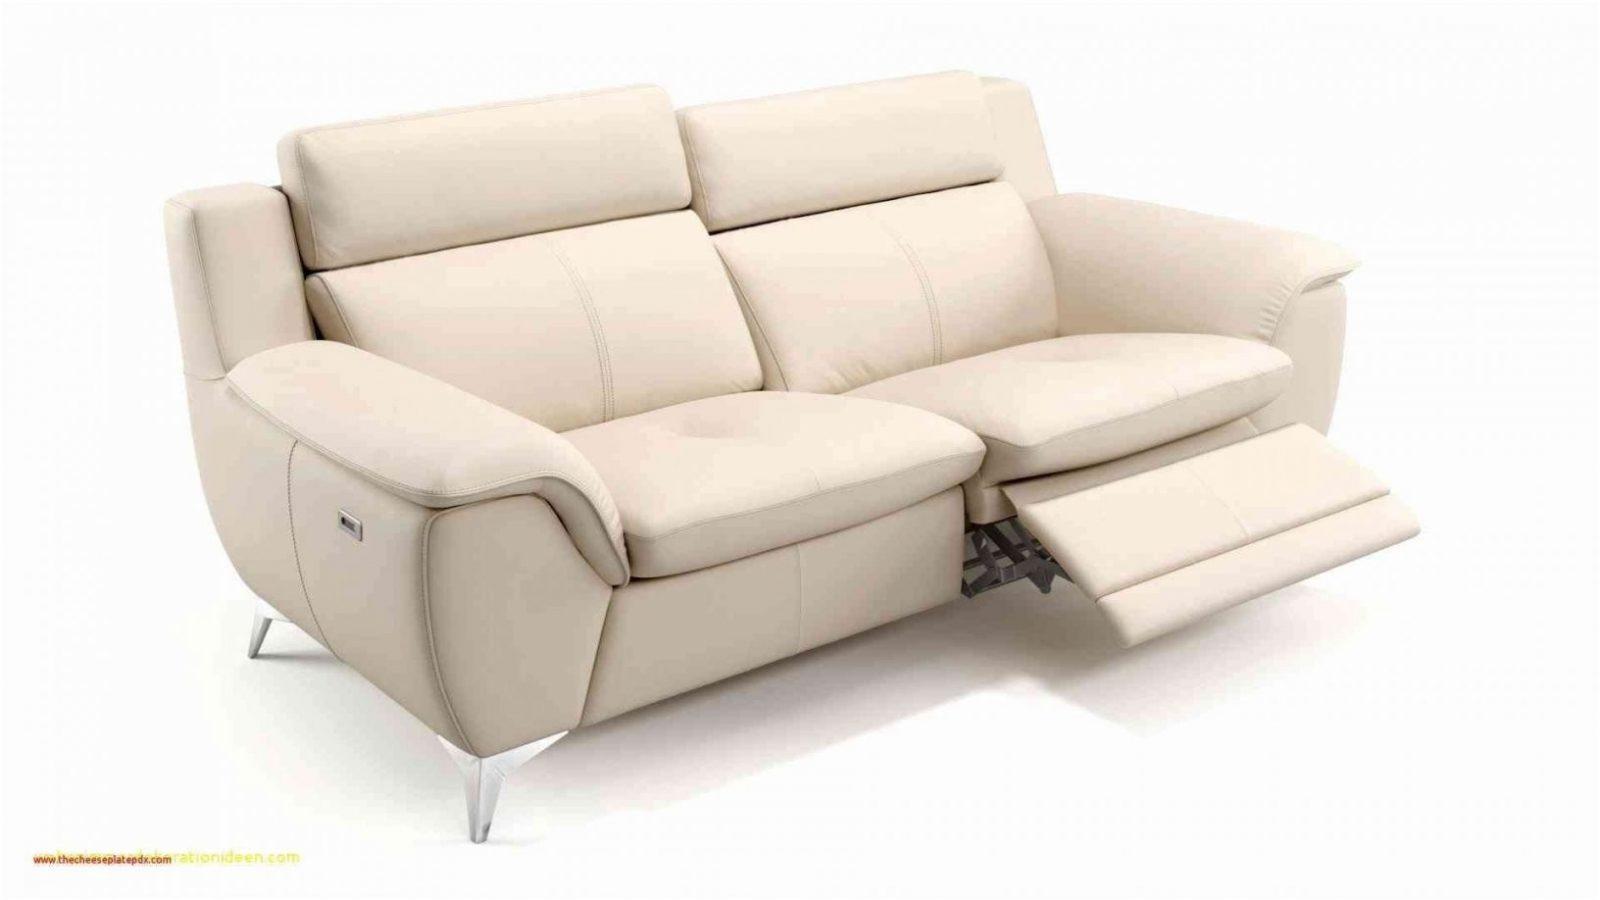 3 Sitzer Sofa Mit Schlaffunktion Awesome 36 Schön 2 Sitzer Sofa 2 von 3 Sitzer Sofa Mit Bettfunktion Bild